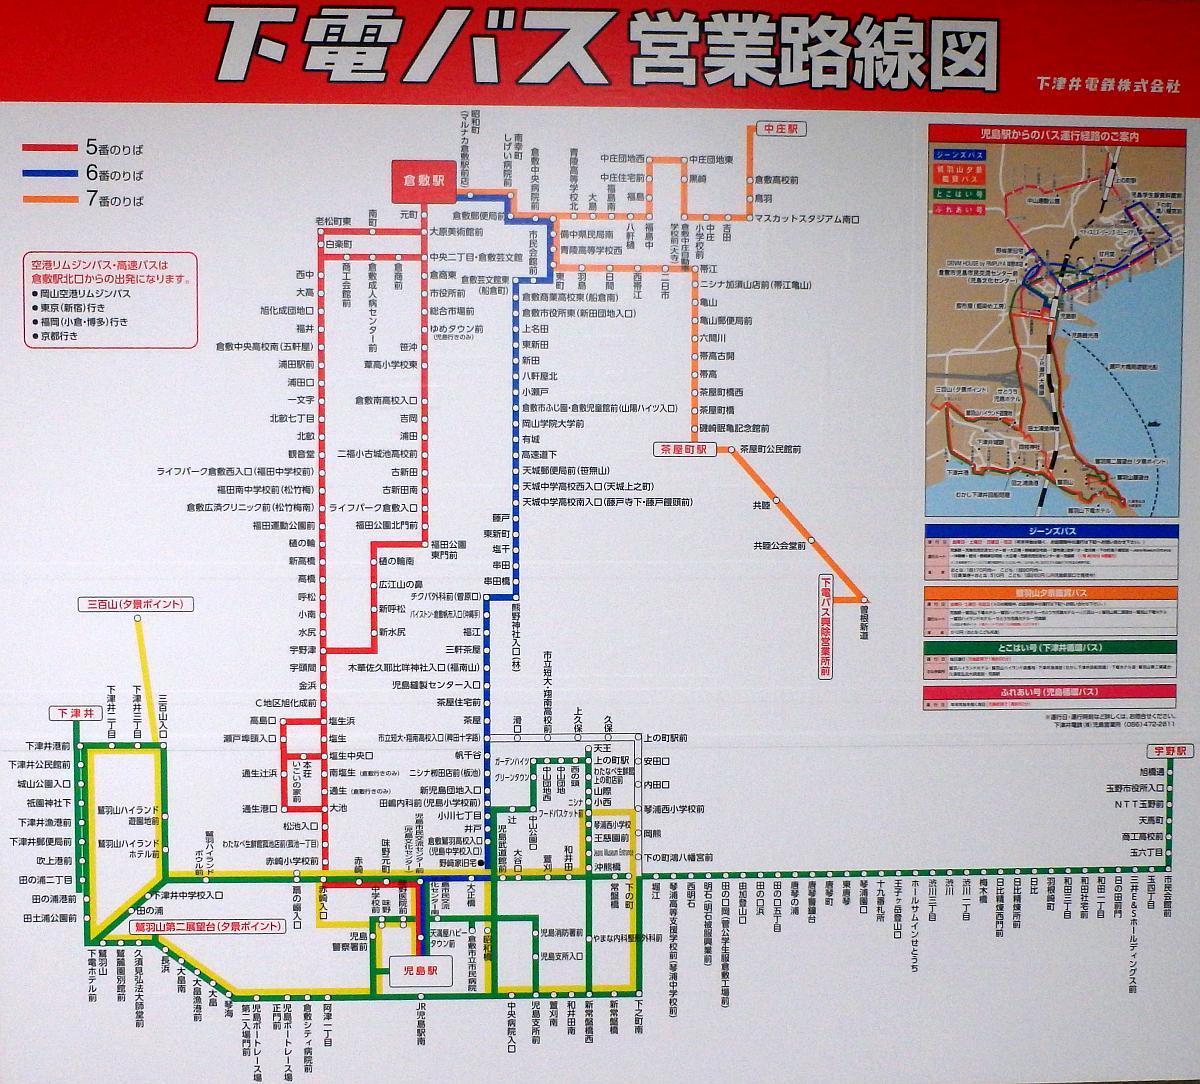 倉敷駅南口の地下通路に掲示されていた下電バスの路線図